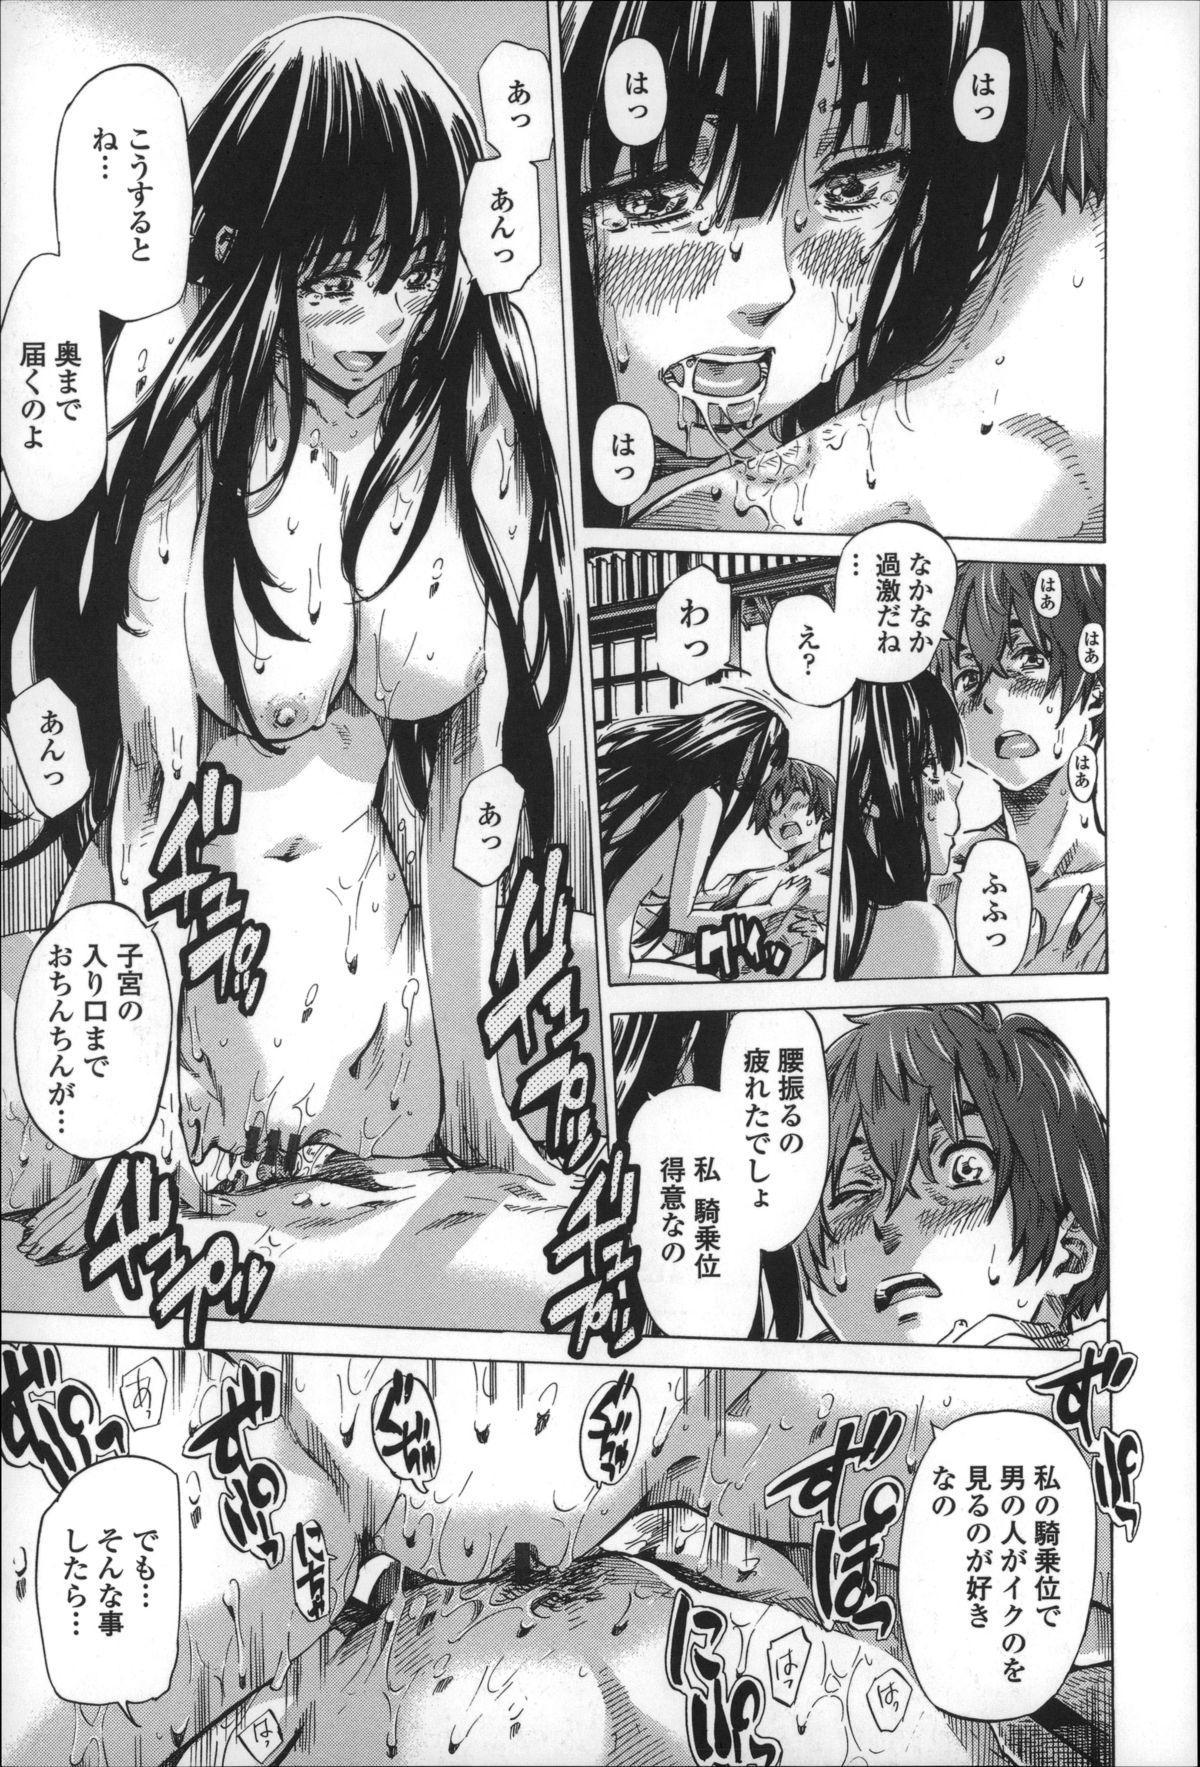 Choushin de Mukuchi no Kanojo ga Hatsujou Shite Kitara Eroiyo ne? 126